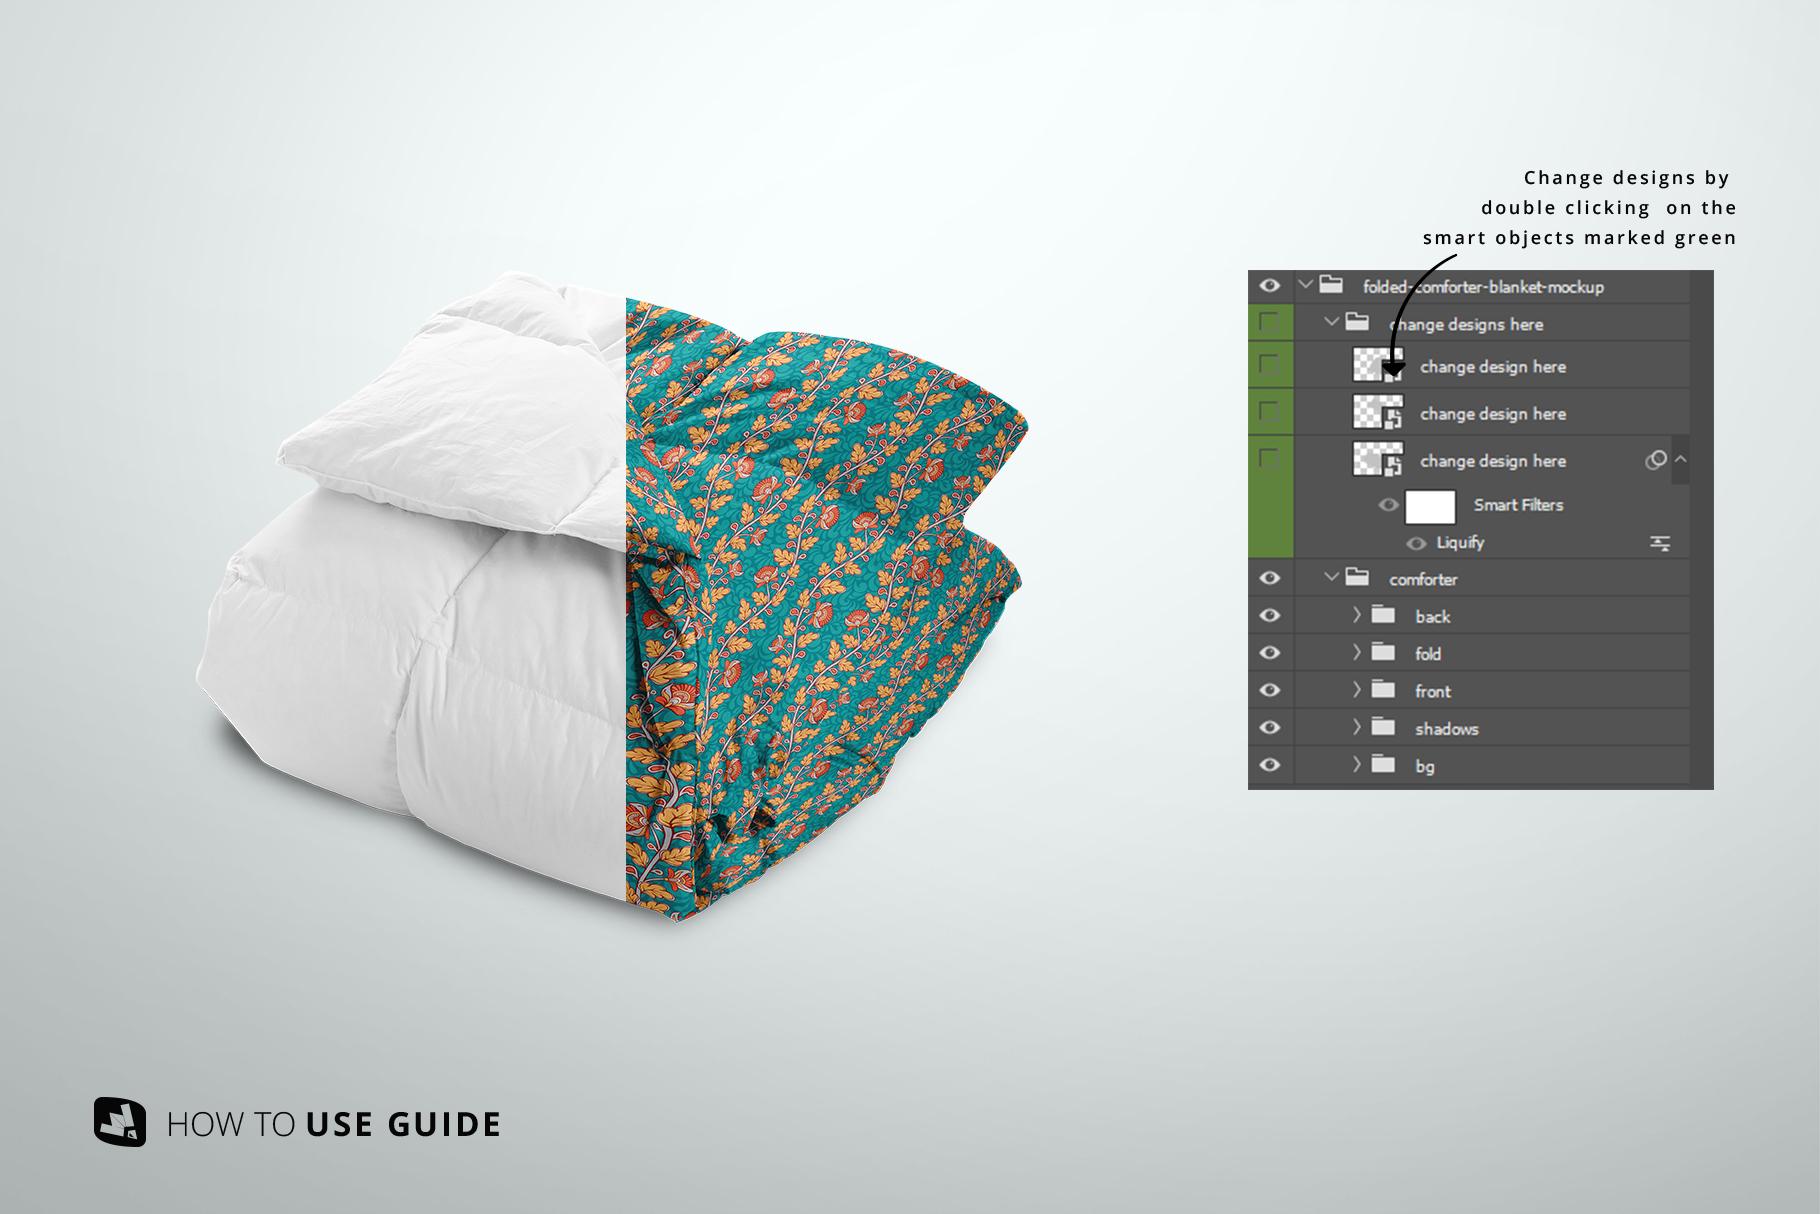 change design of the folded comforter blanket mockup